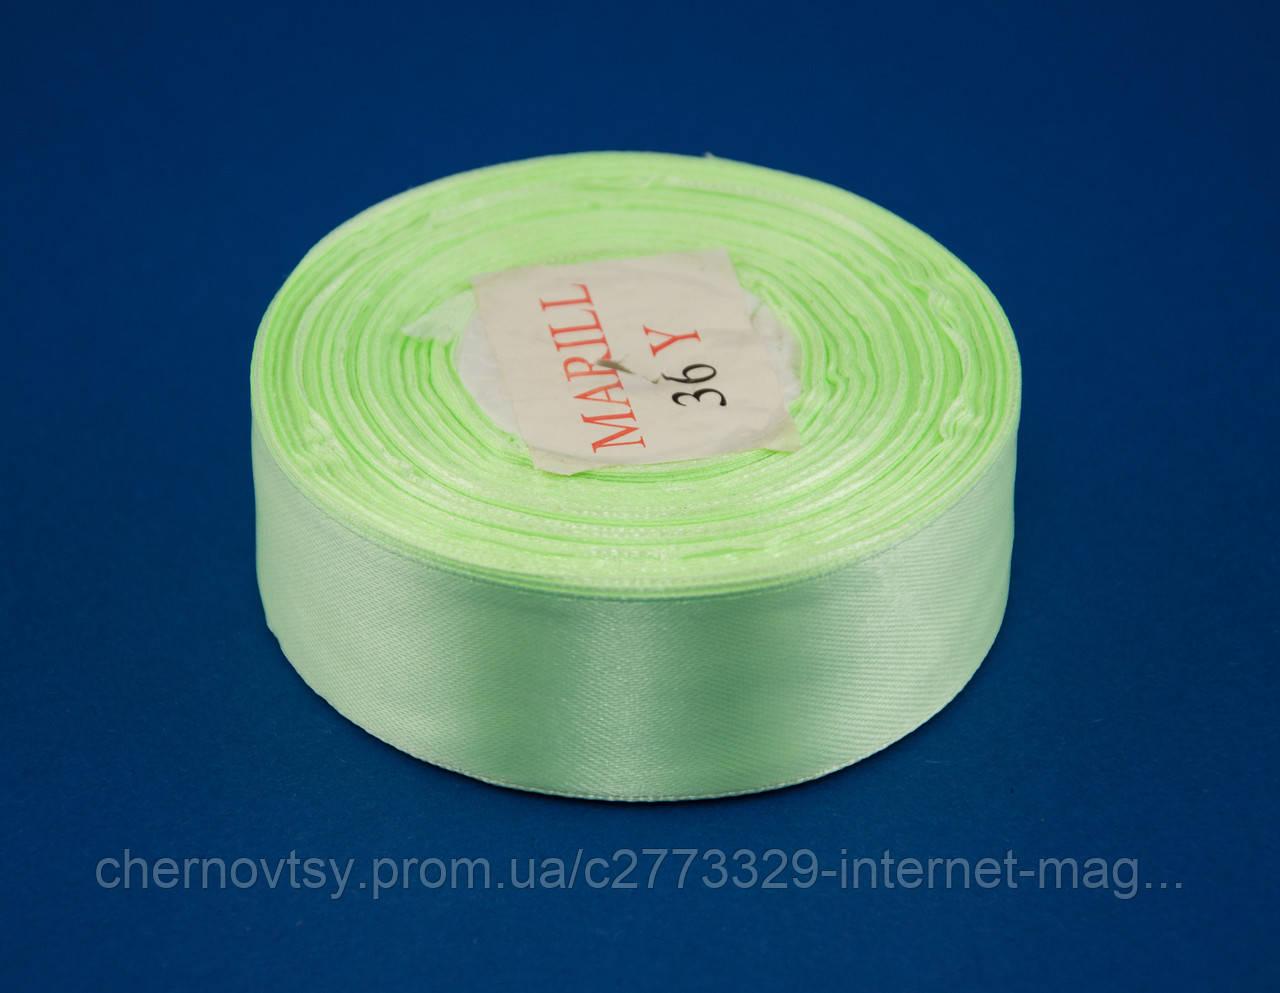 Стрічка атлас 1.2 см, 33 м, № 52н Світло-салатова